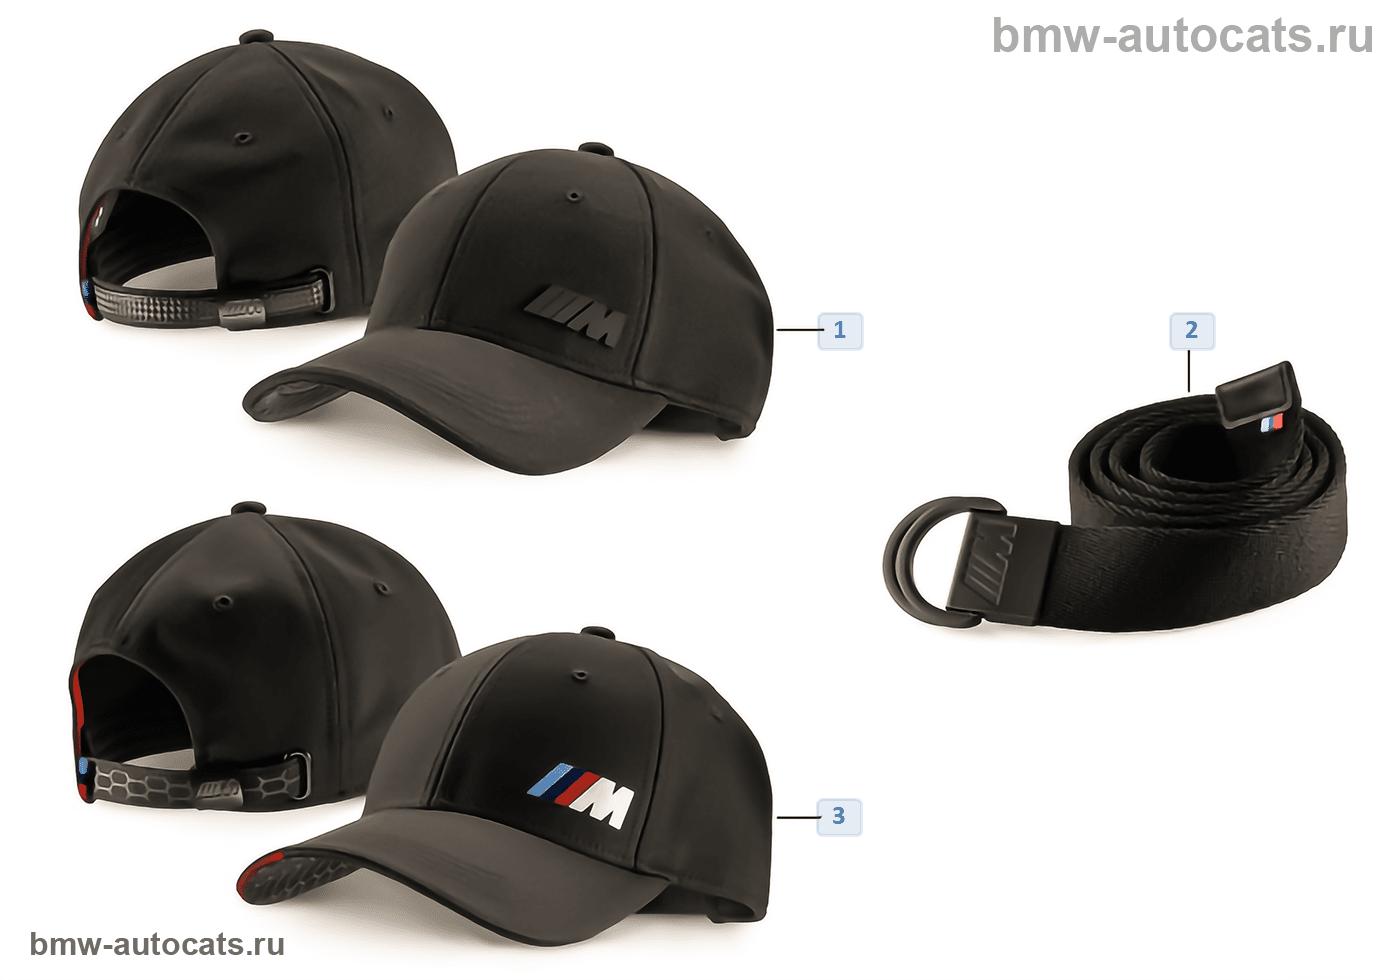 BMW M Collection — Кепки и ремни 16-18